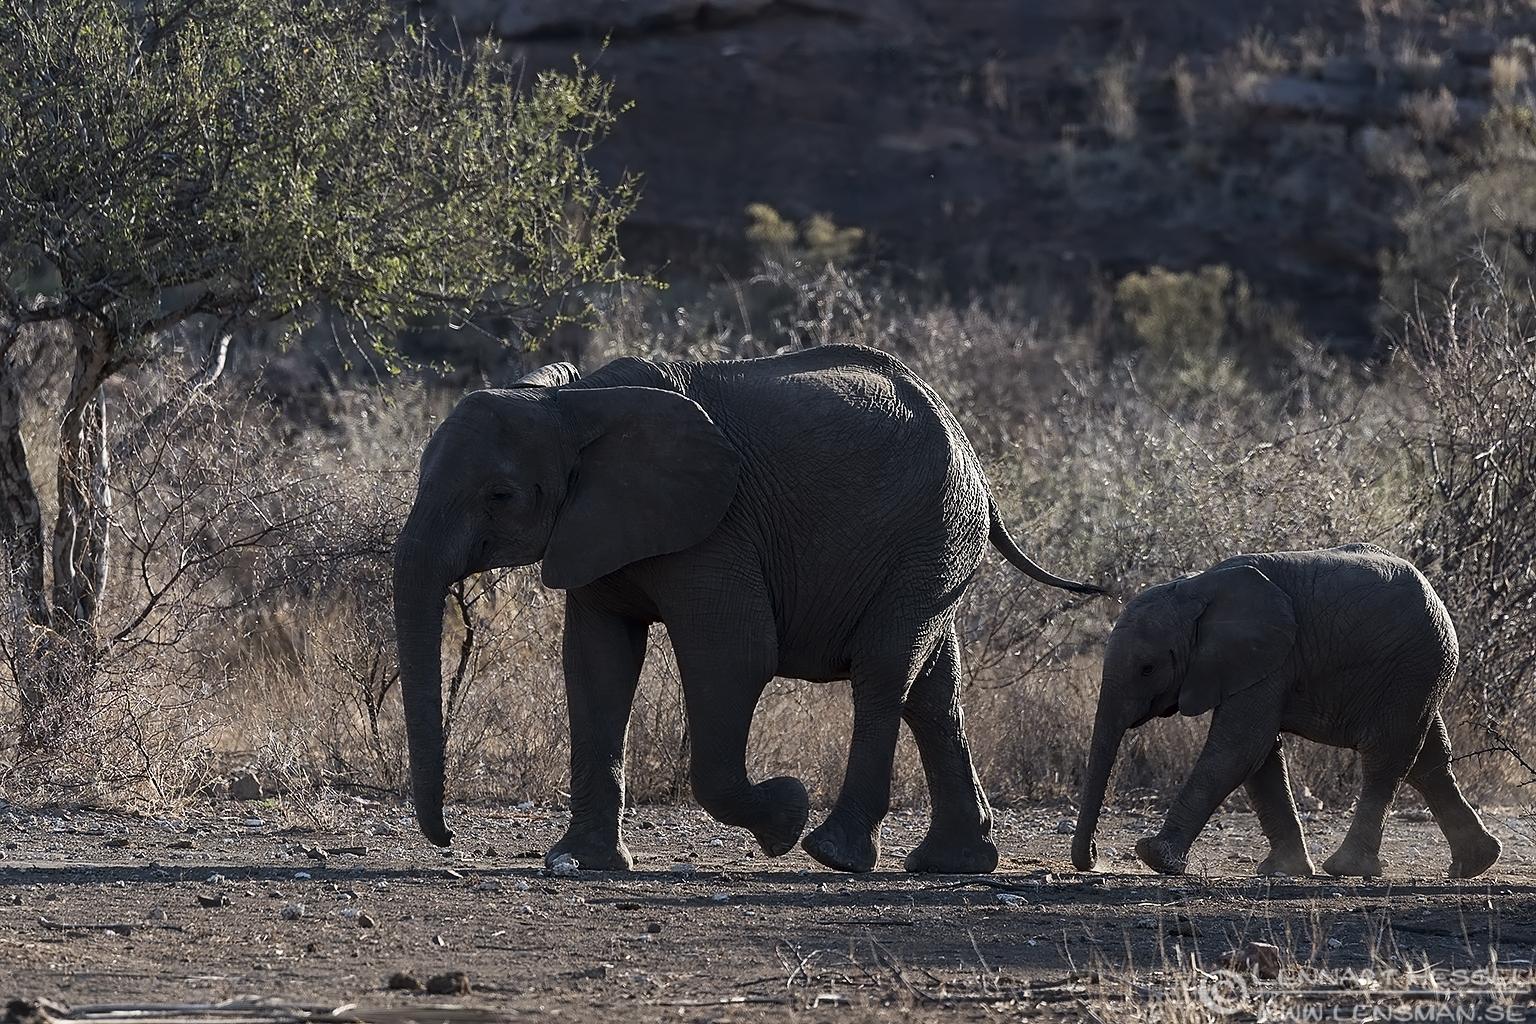 Elephants Mapungubwe South Africa